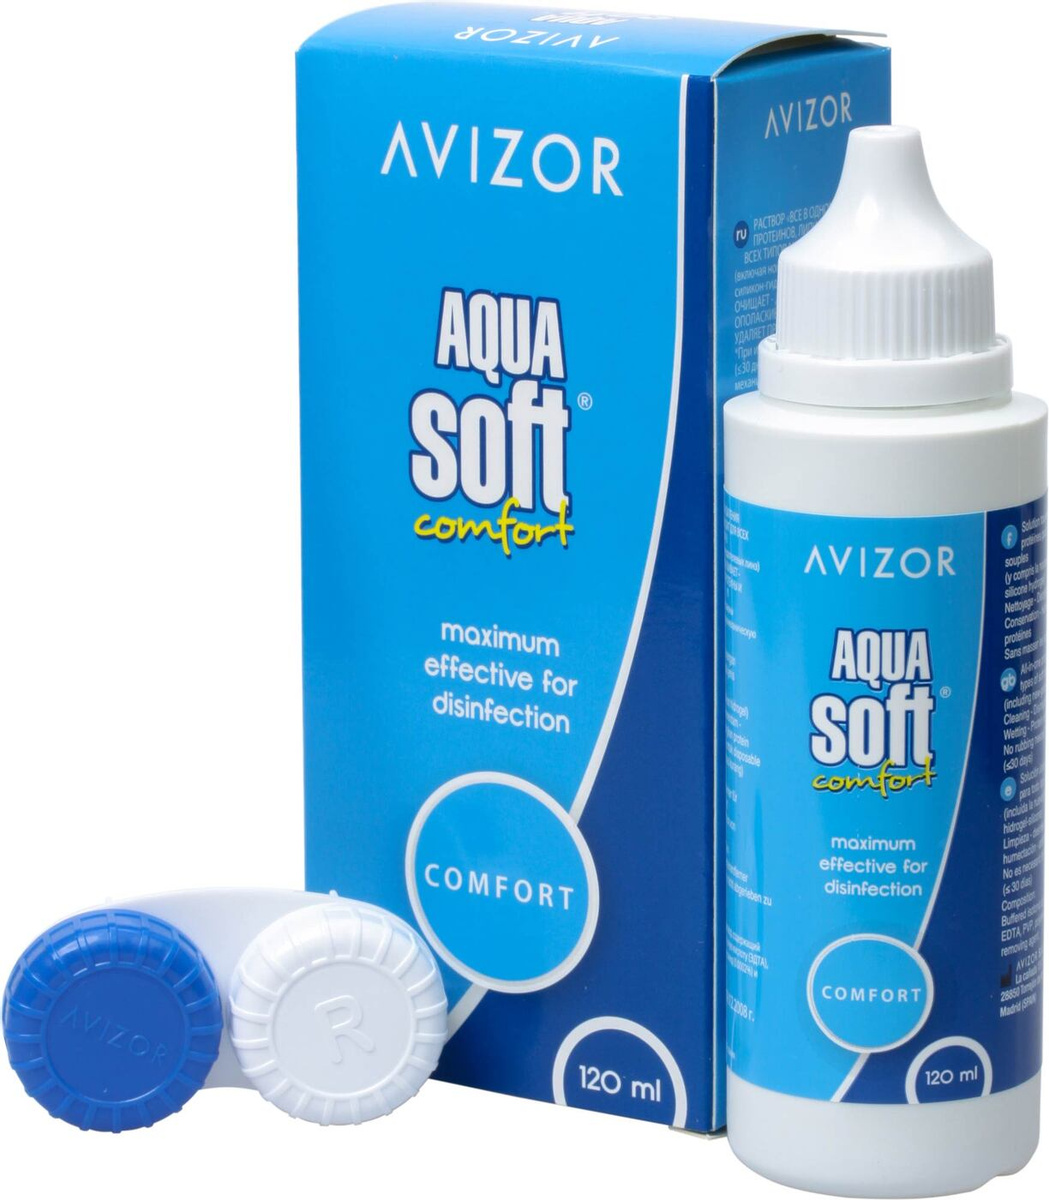 Avizor - раствор для линз, обзор всей линейки